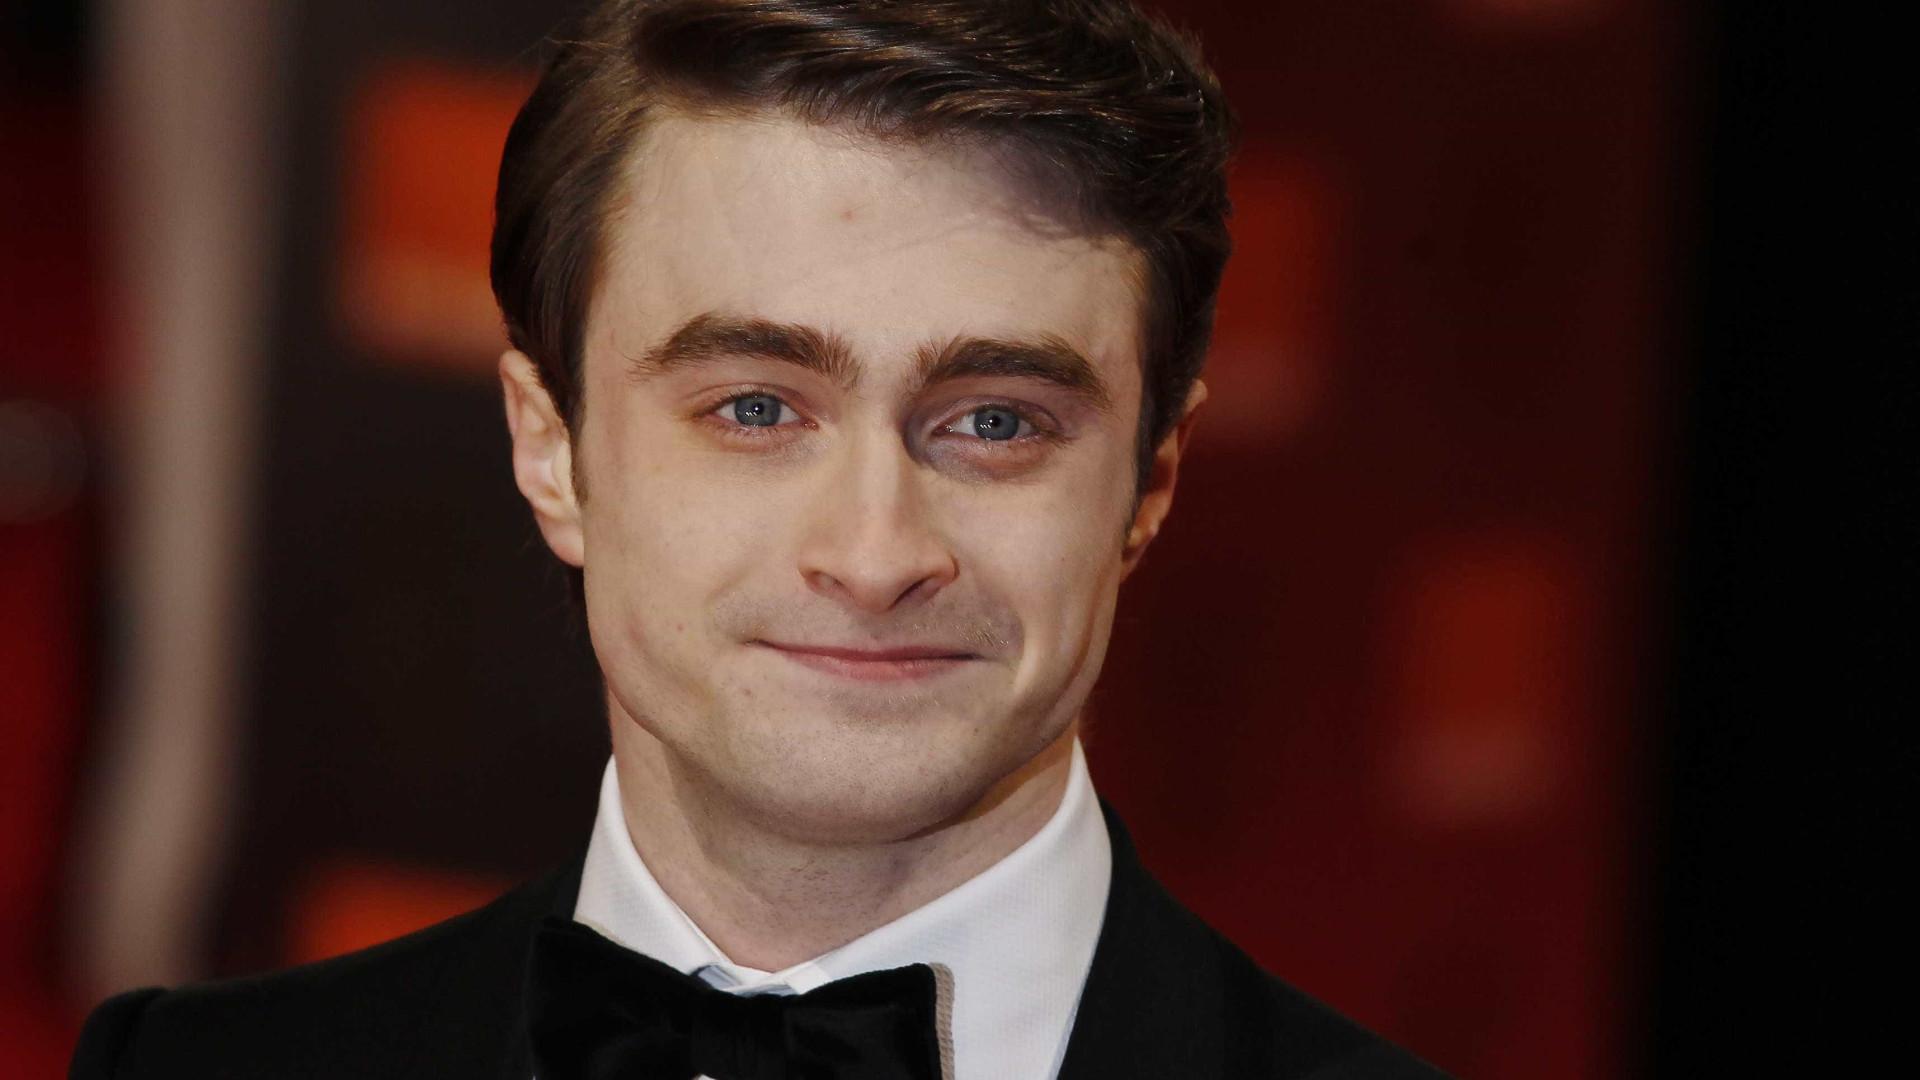 Daniel Radcliffe fala de polêmica sobre Depp em 'Animais Fantásticos'